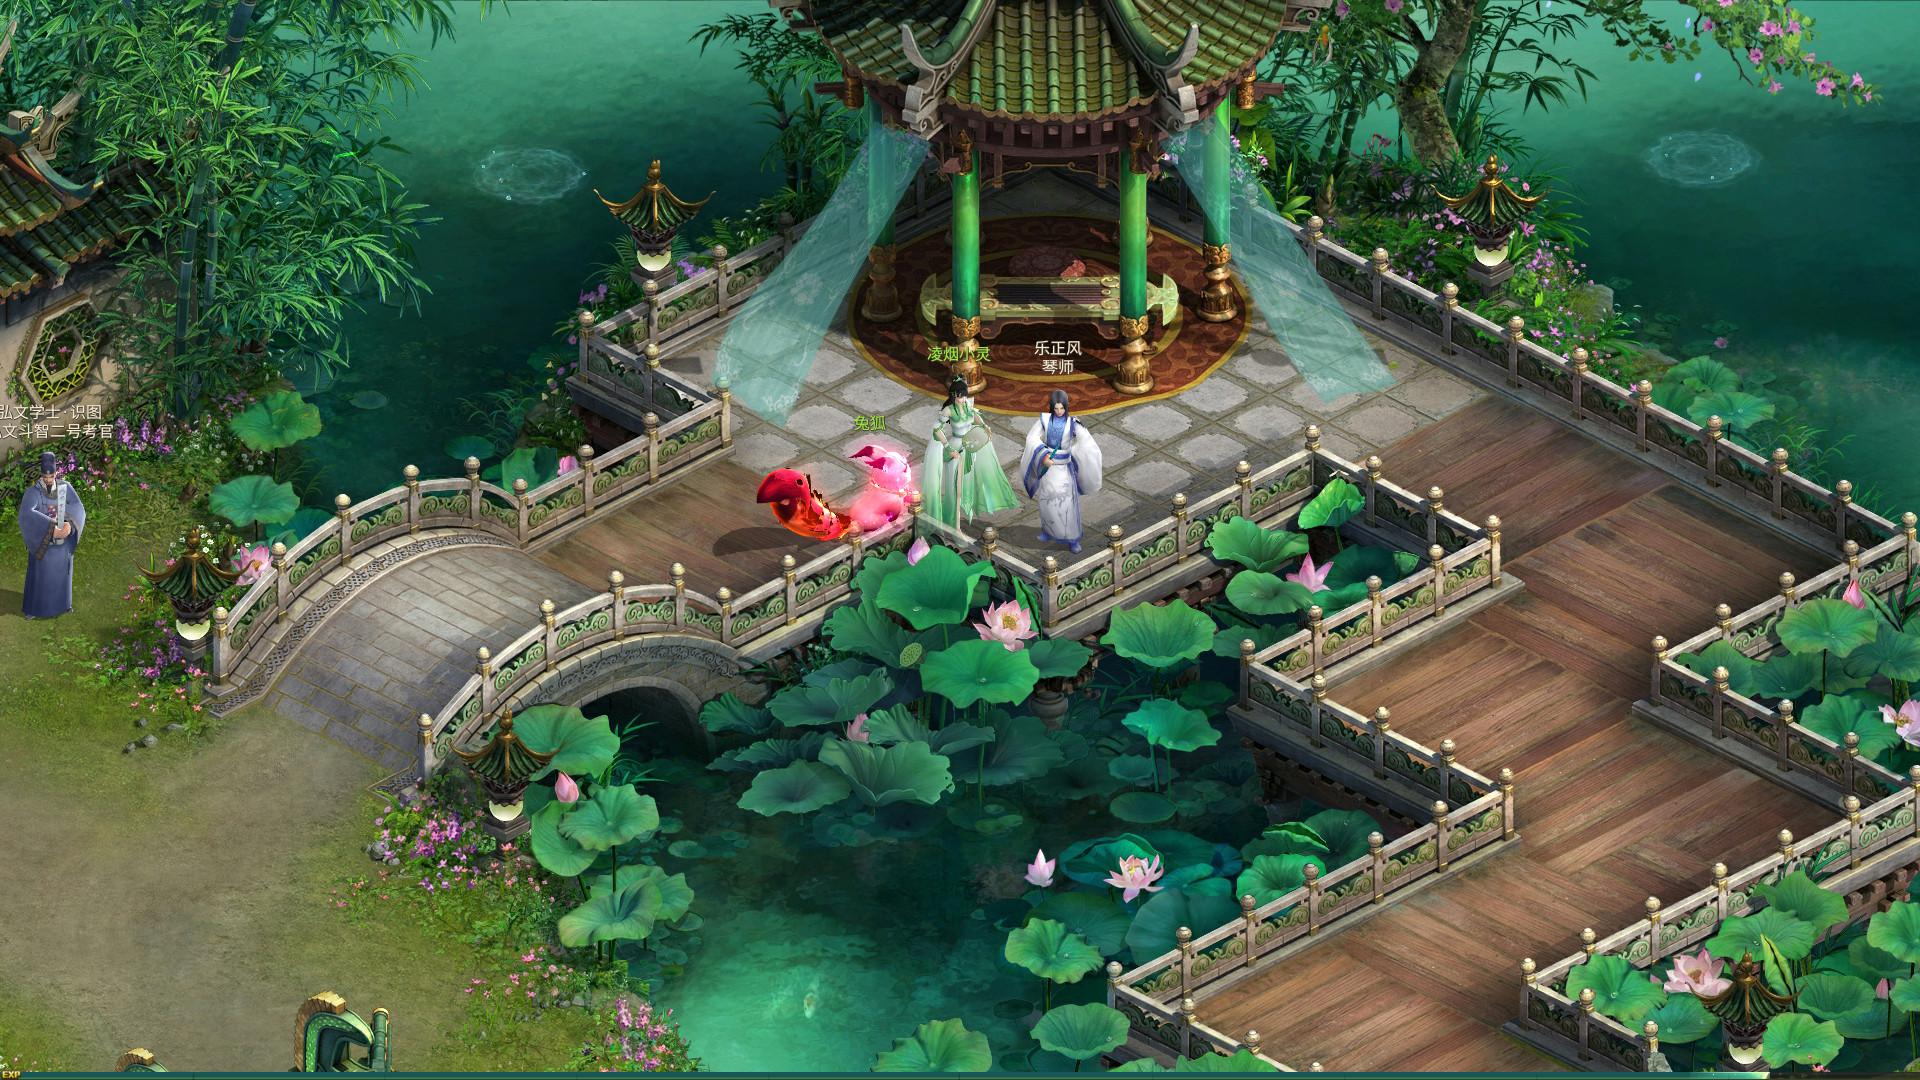 灵山奇缘 游戏画面